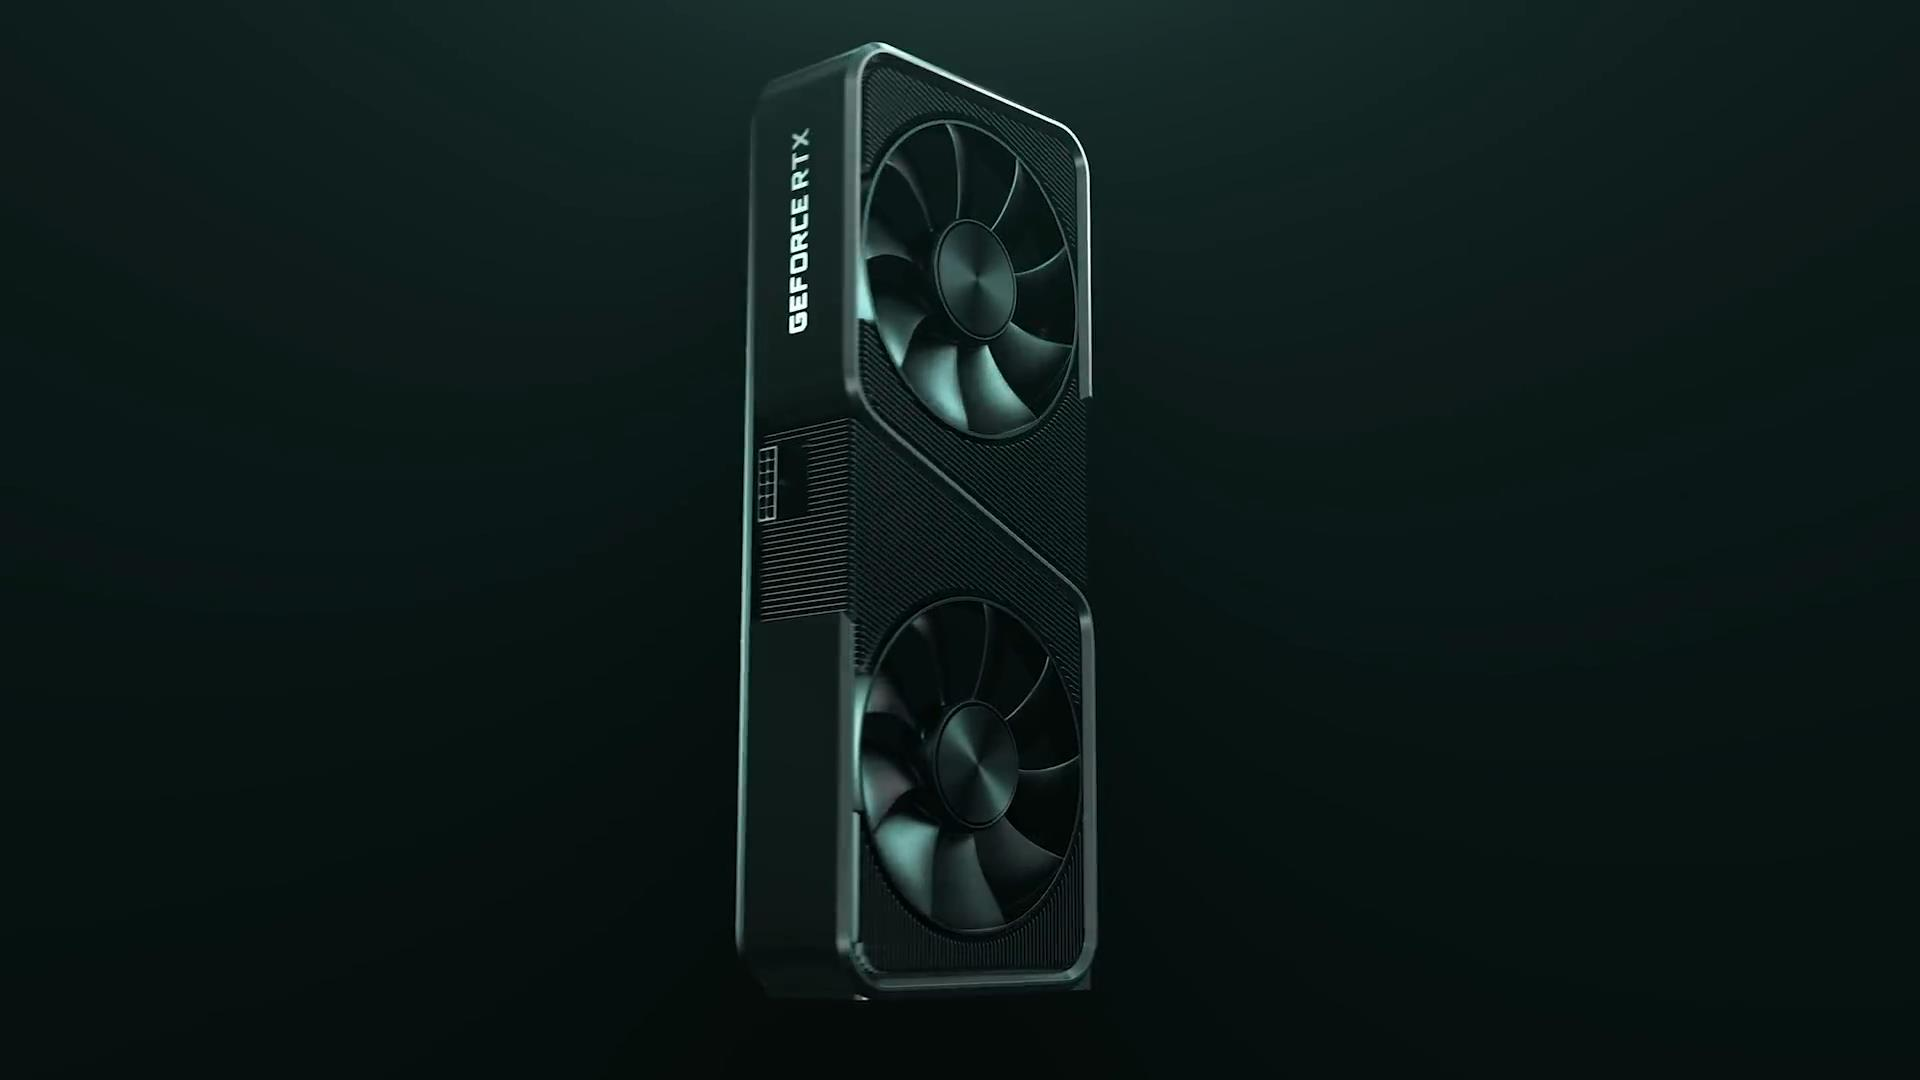 RTX3060Ti官方宣传片 新显卡加持让游戏体验更棒